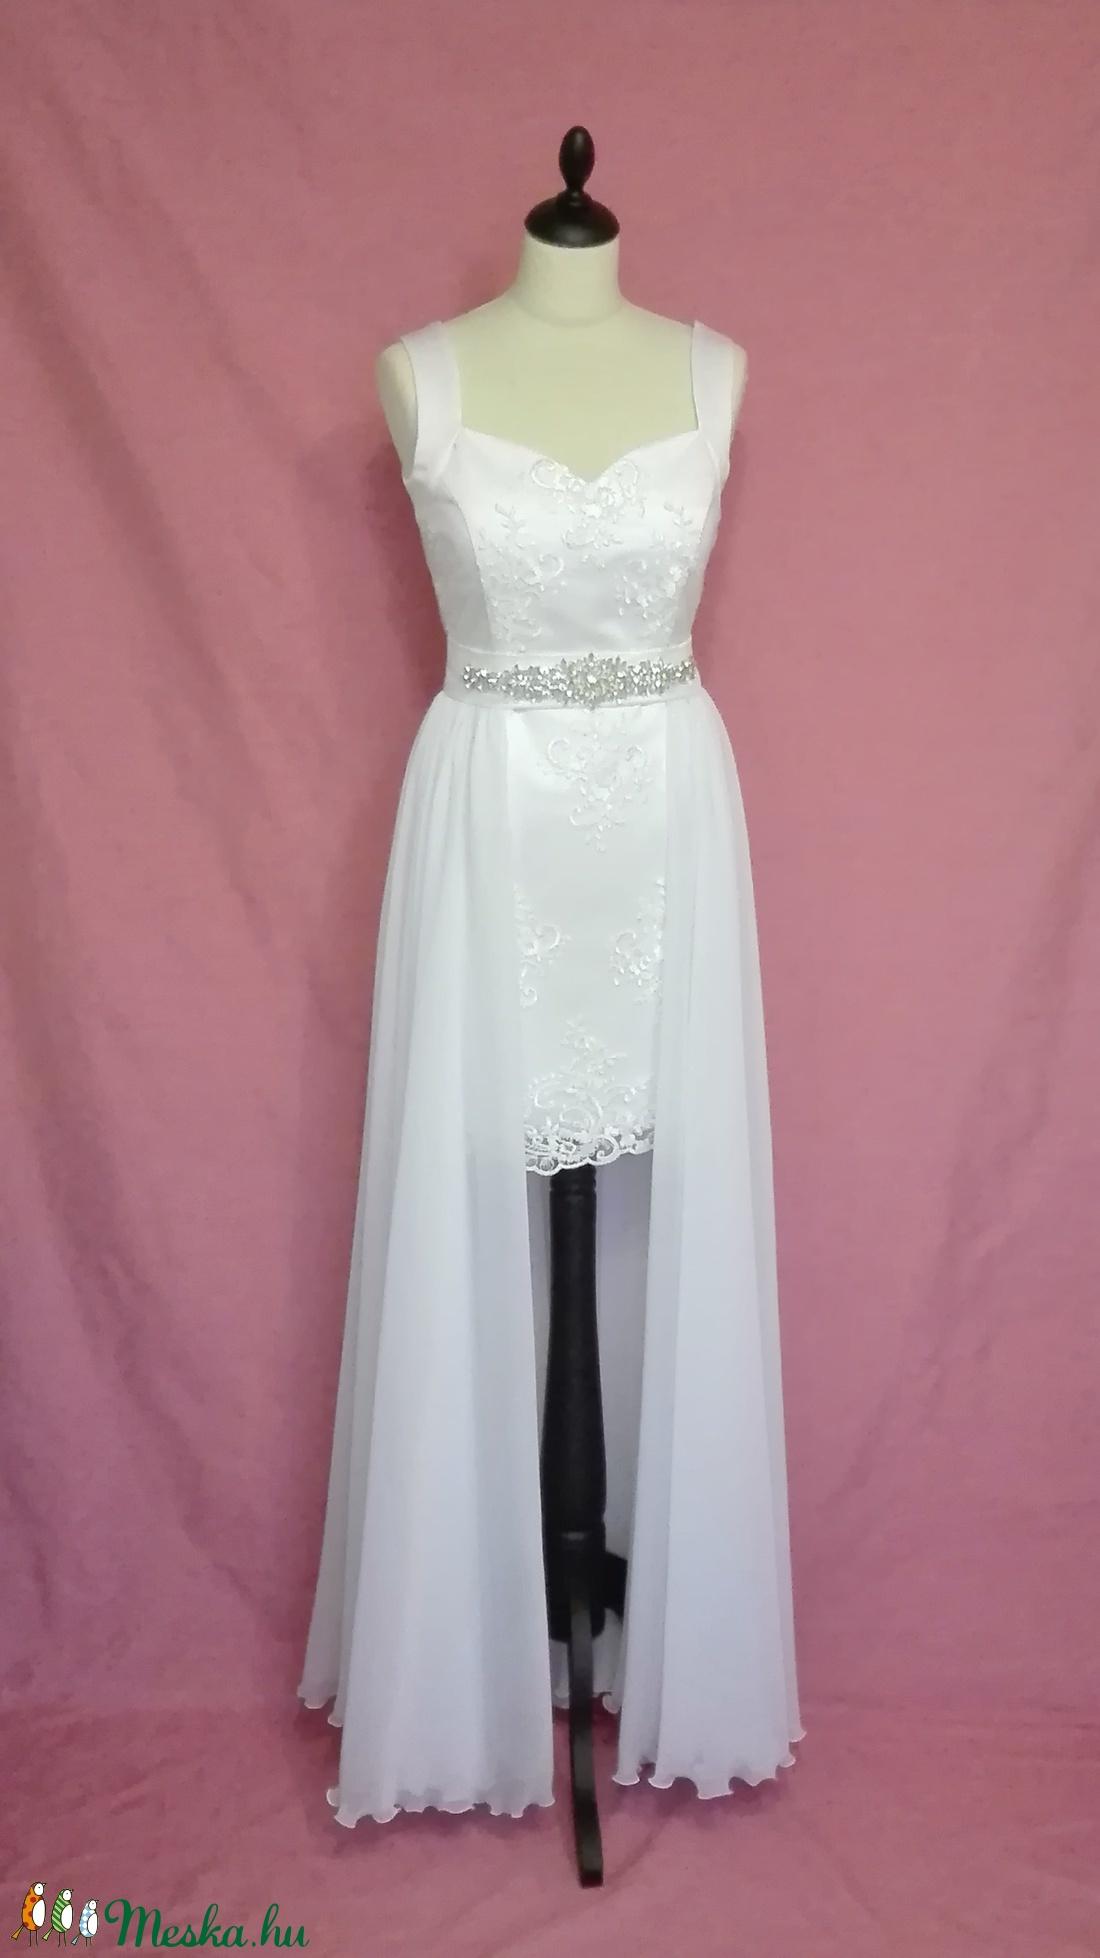 Két részes esküvői ruha (nicoledesign) - Meska.hu bdfa43e1ab